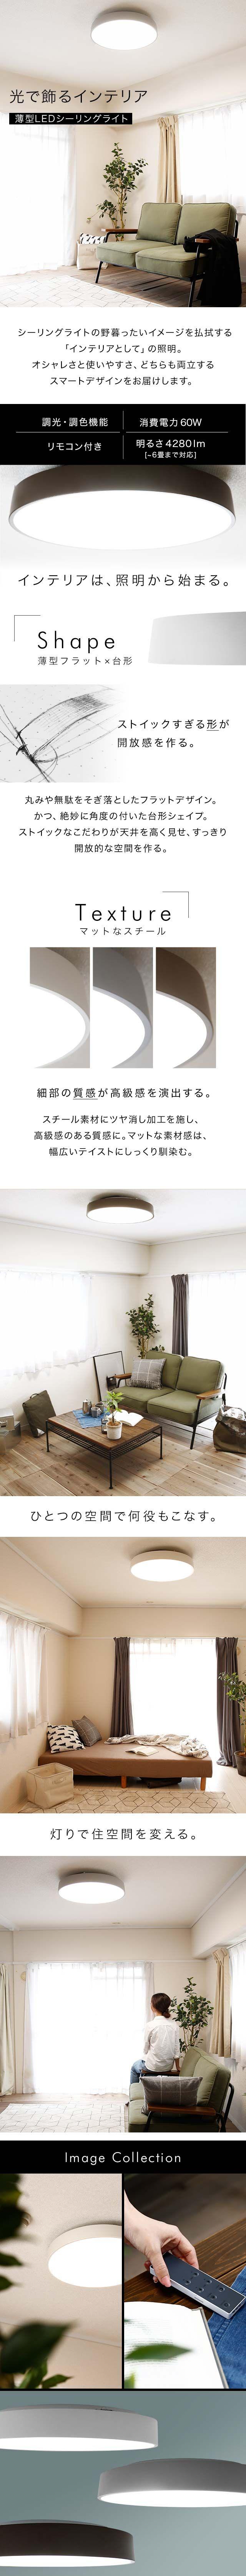 照明 LED シーリングライト 6畳用。シーリング シーリングライト 照明 LED 天井照明 照明器具 6畳 シーリング ライト リモコン付き 調色 おしゃれ リビング 薄型 スチール 1年保証 送料無料